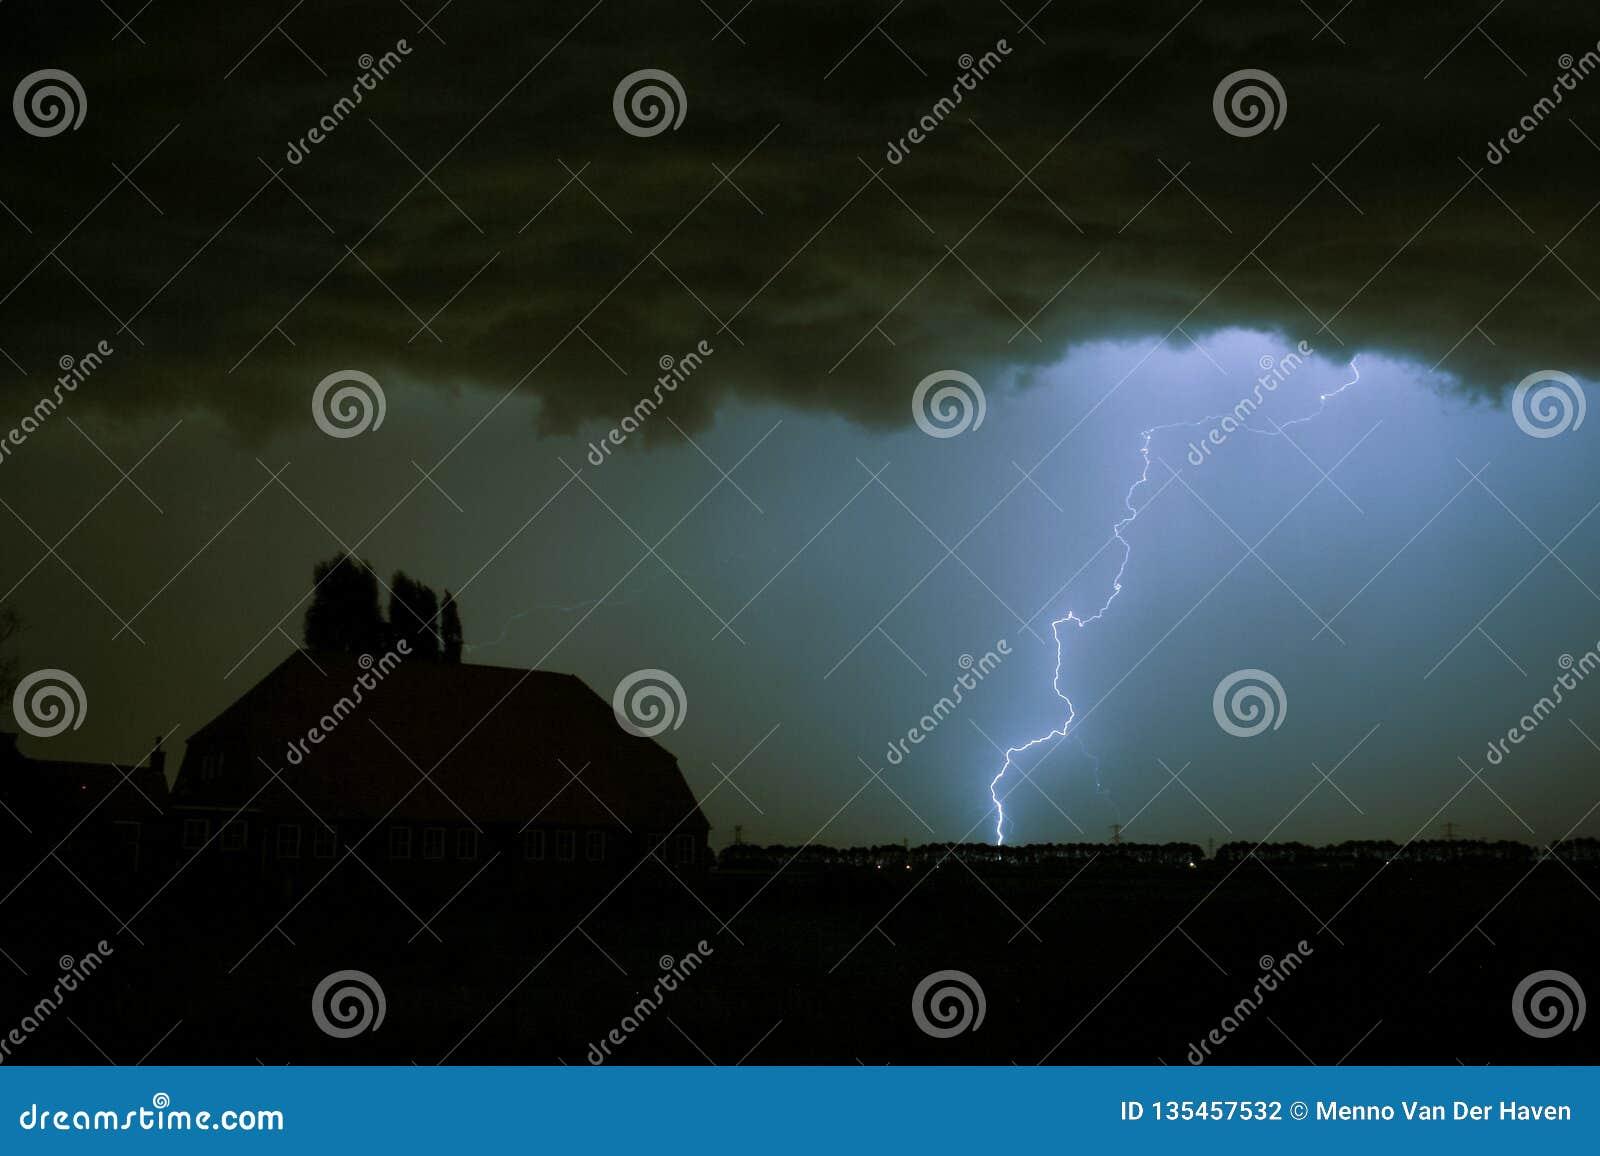 Blixtslag på ett mörkt - blå himmel över en huskontur